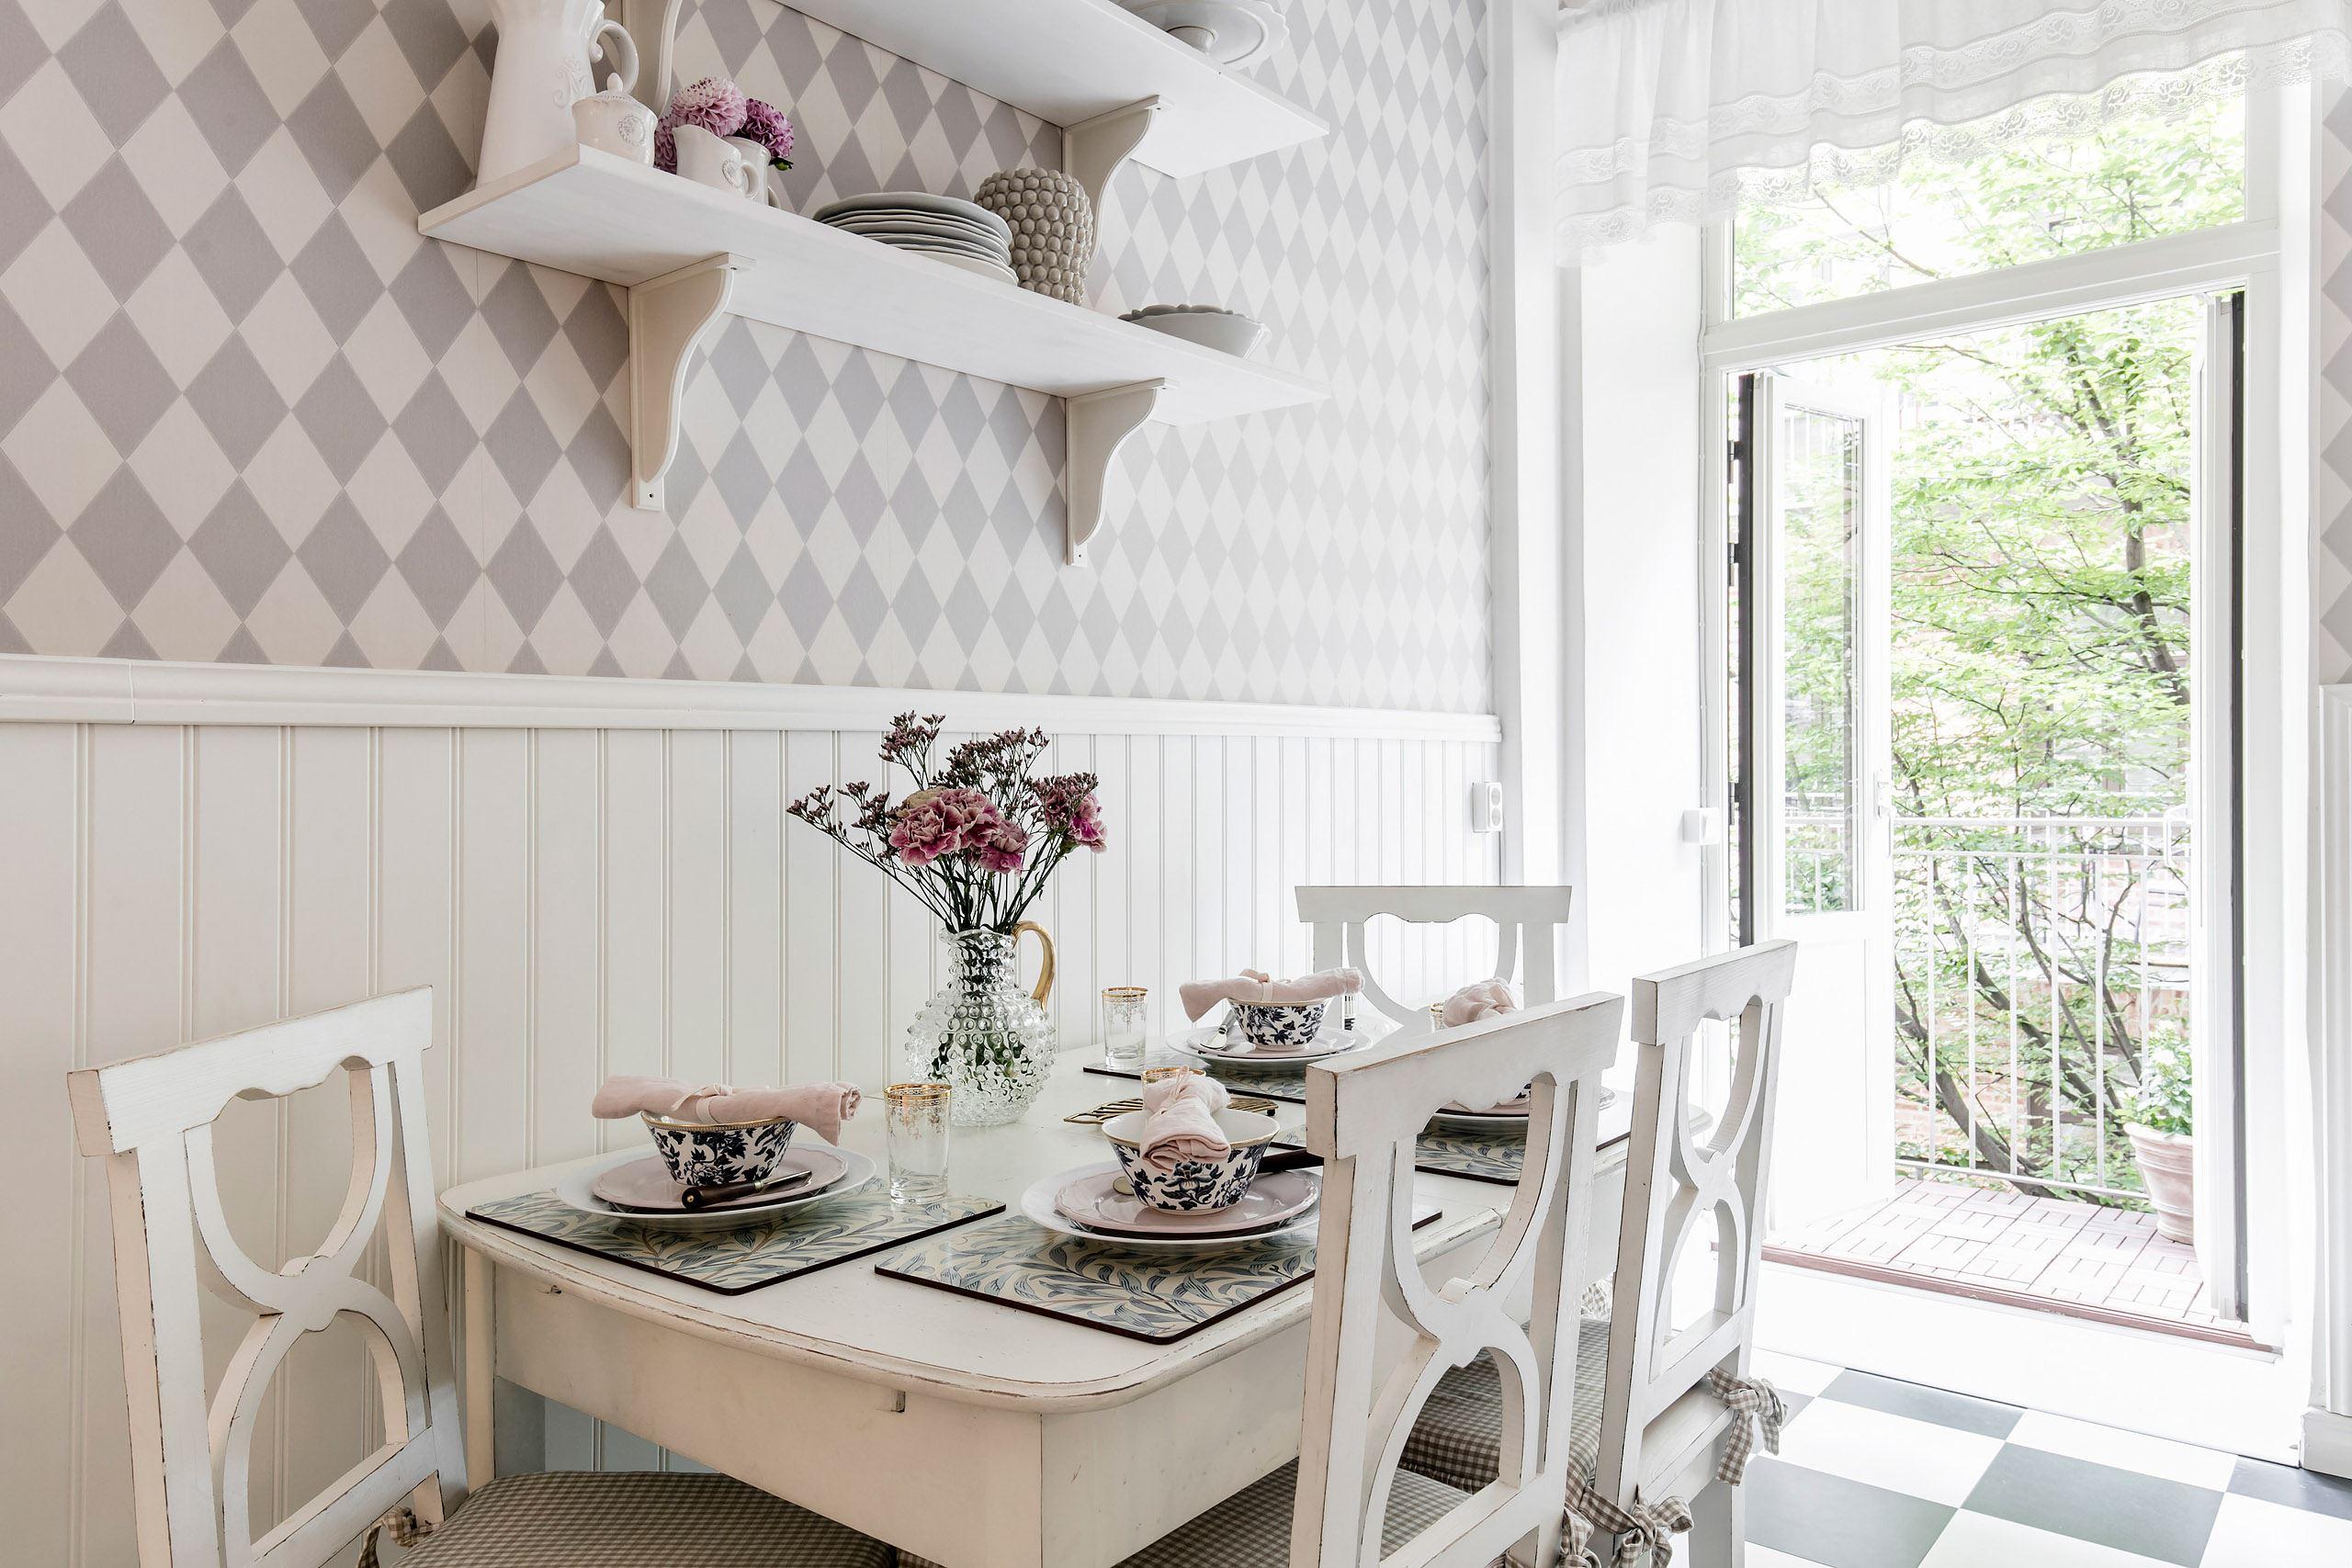 кухонный обеденный стол стулья стеновые панели выход на балкон